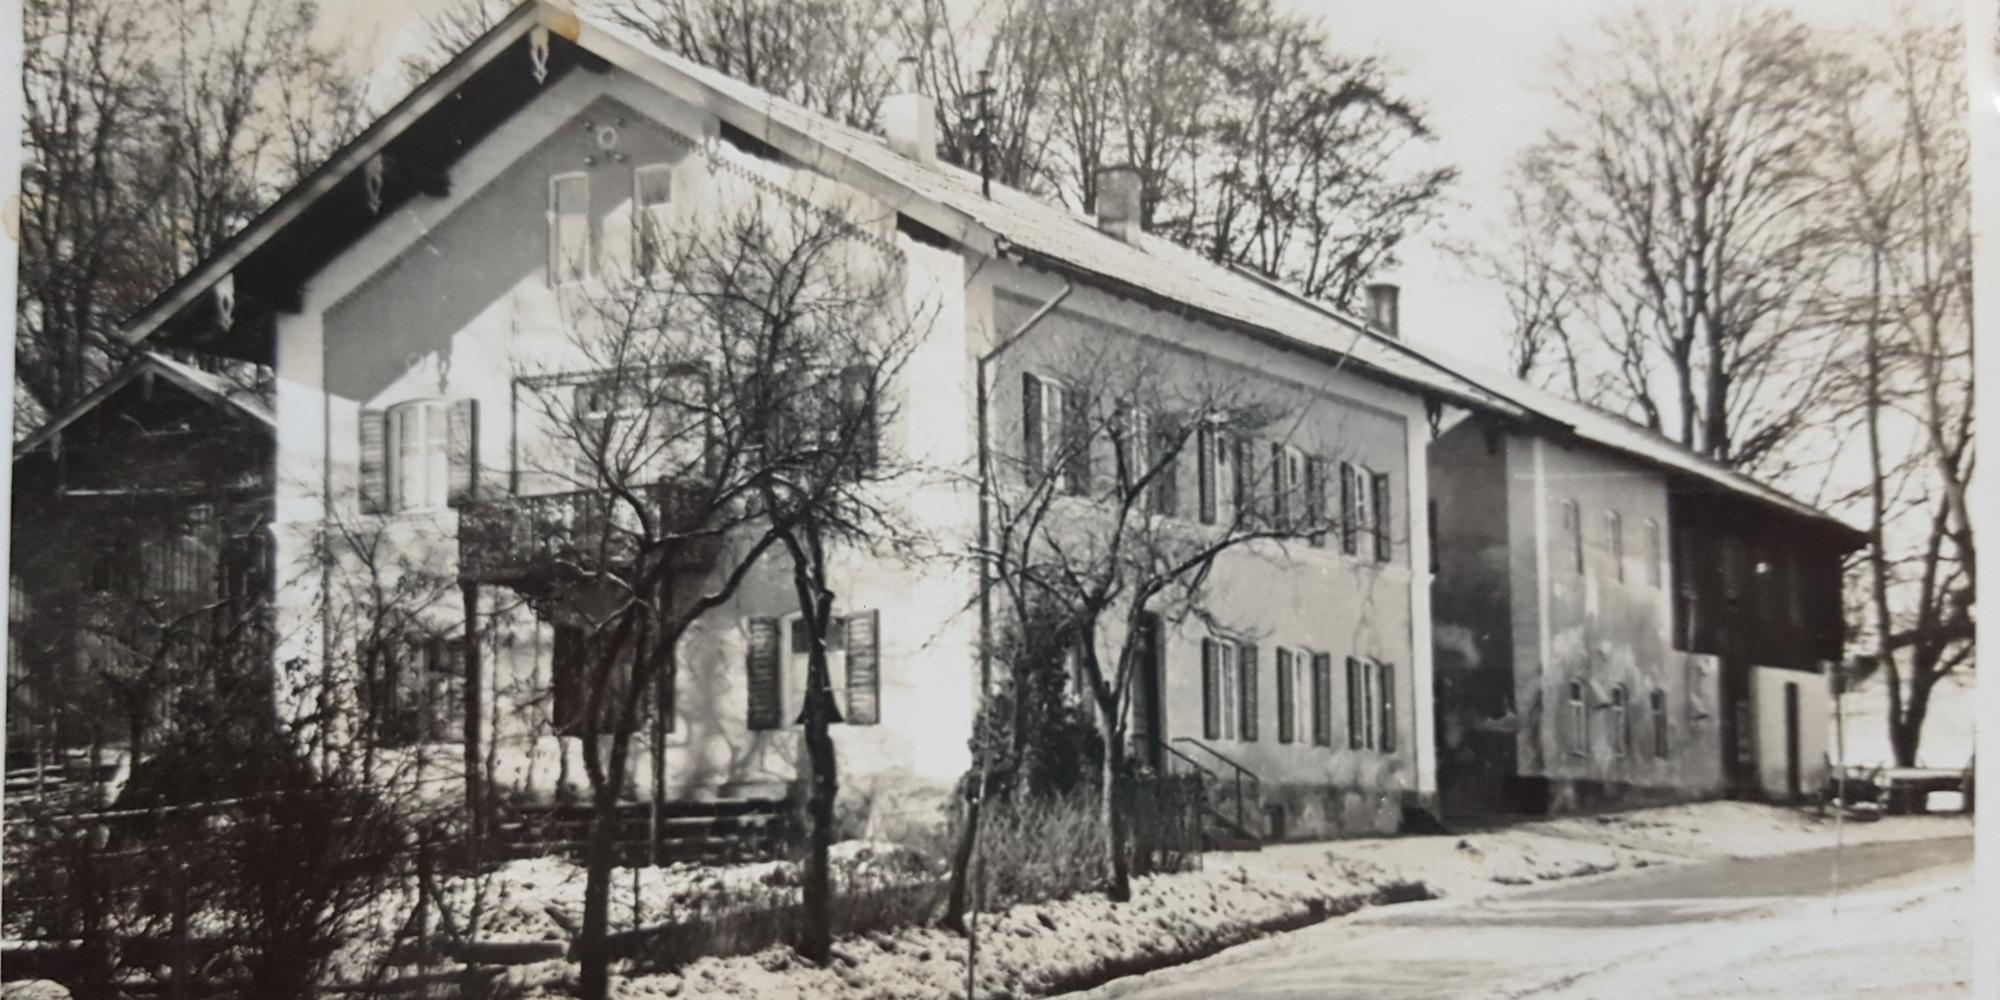 Oberlechner Anwesen in Bruck/Prien